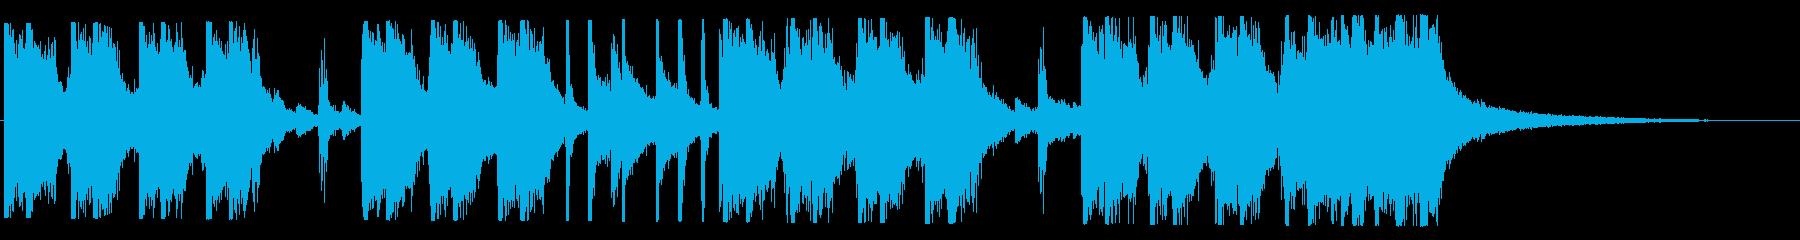 元気なロック調のジングルの再生済みの波形